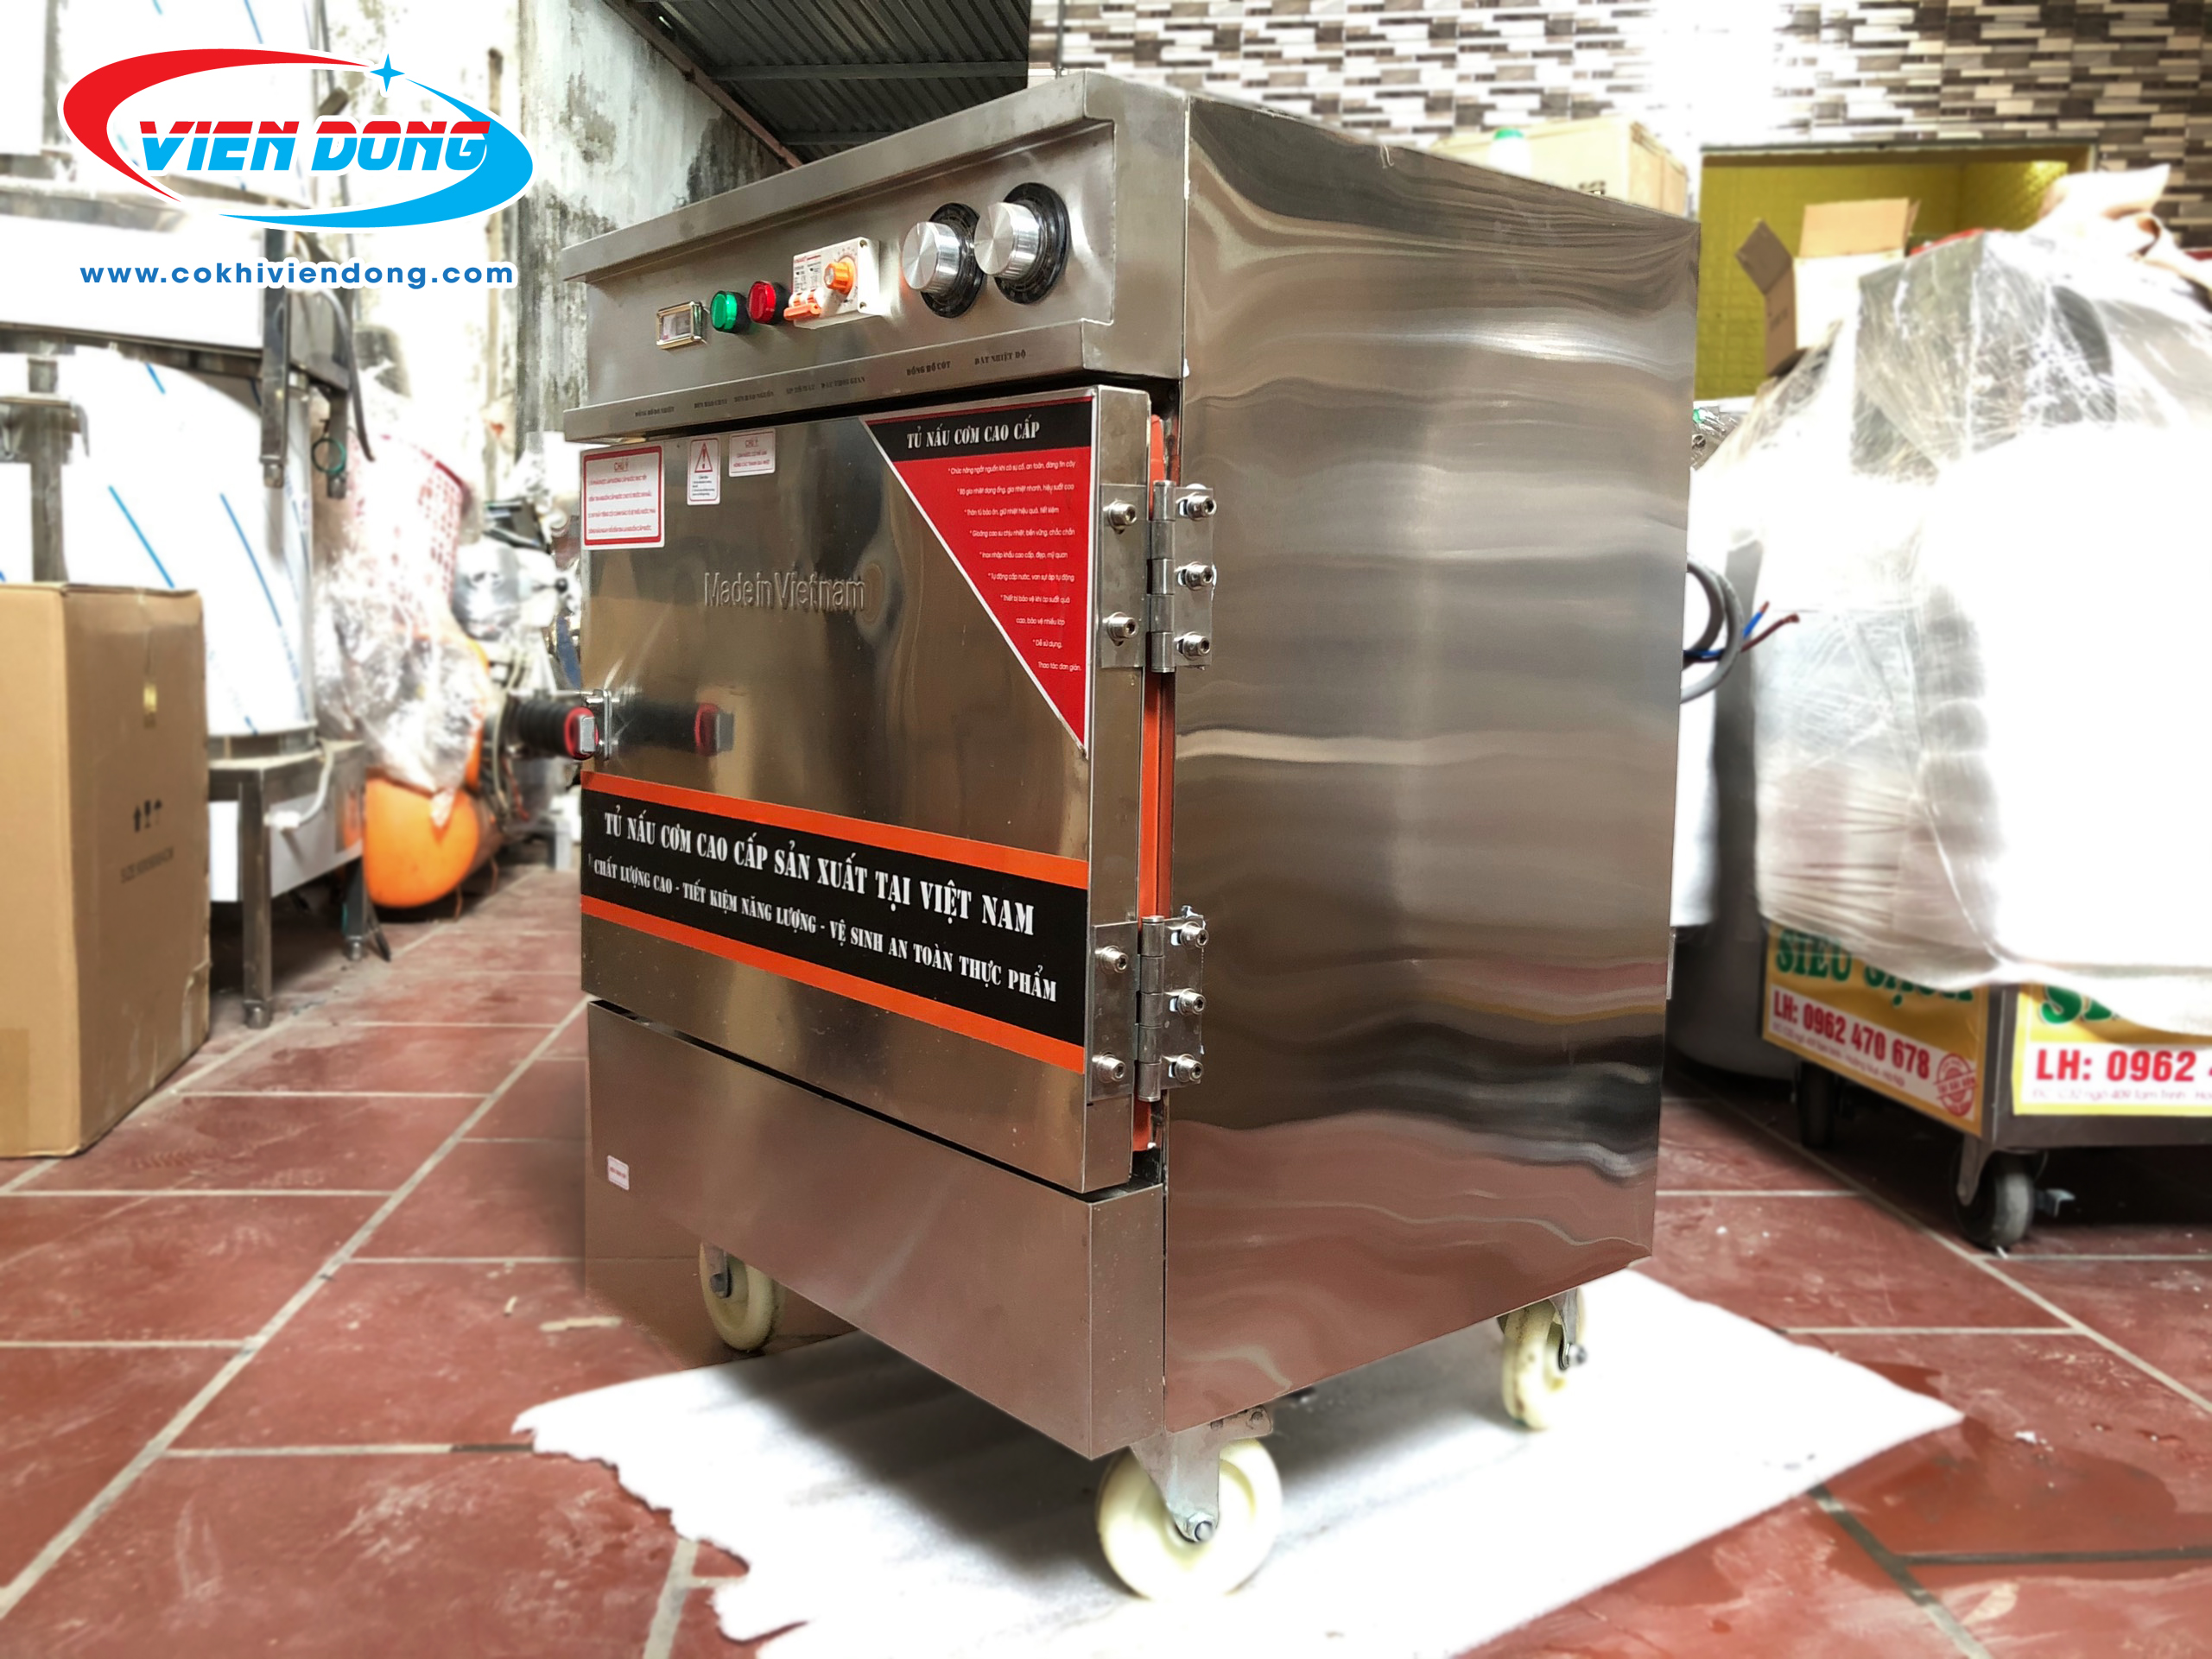 Tủ nấu cơm công nghiệp 4 khay dùng điện Việt Nam